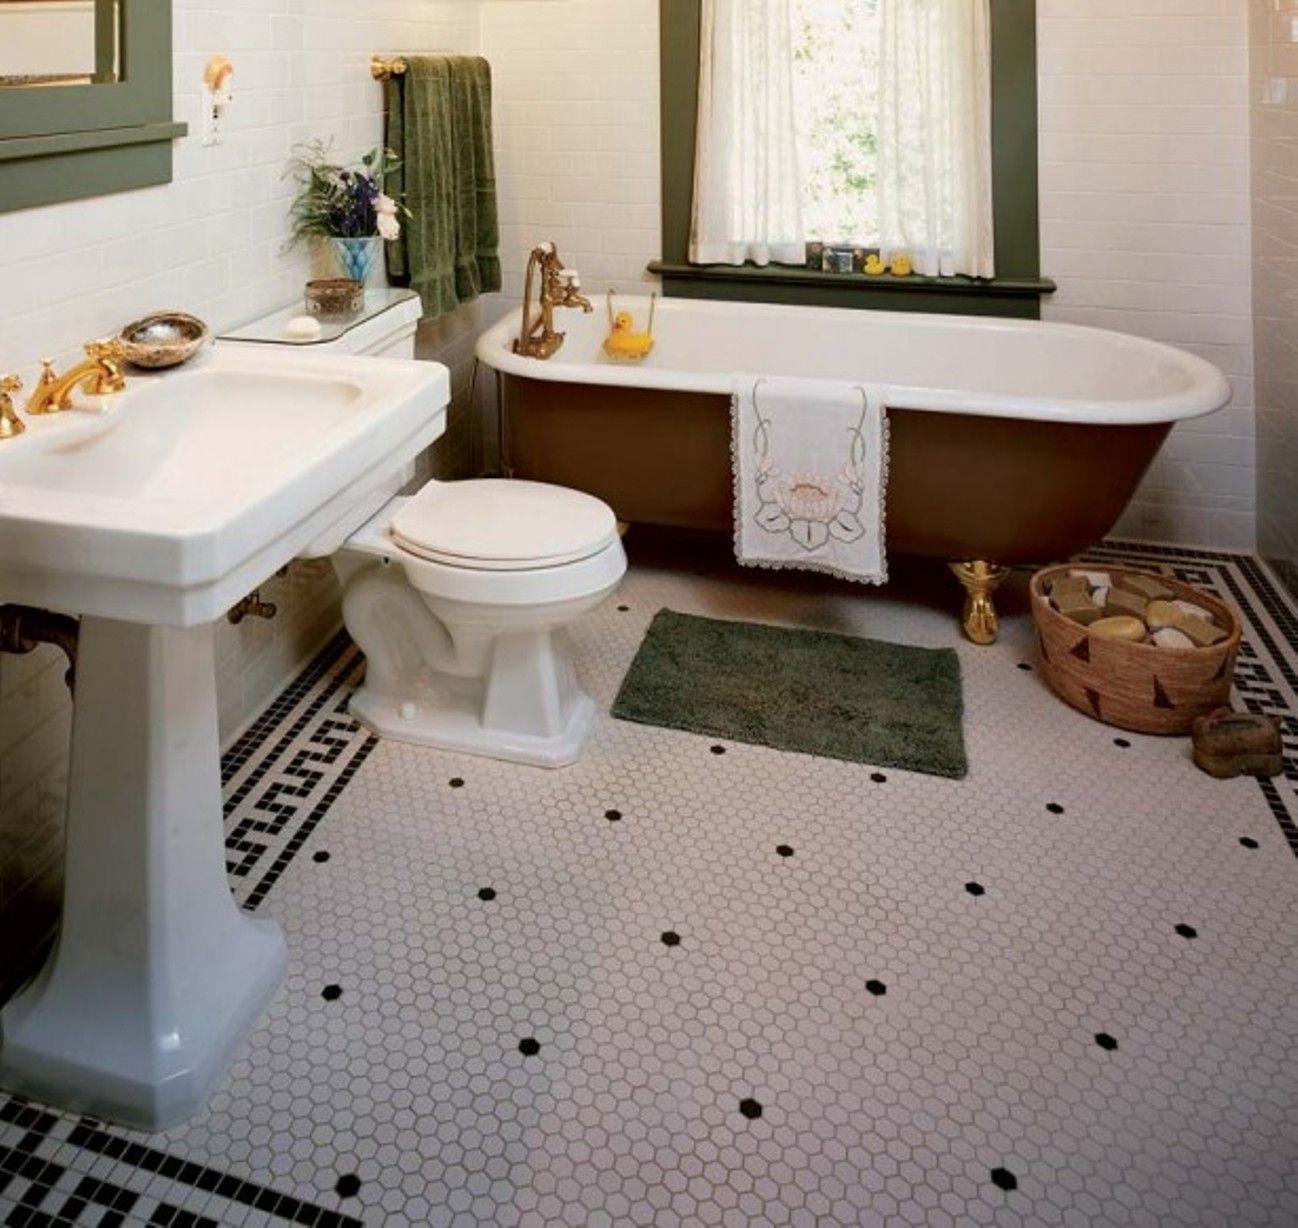 1 Mln Bathroom Tile Ideas Vintage Bathroom Floor Classic Bathroom Tile Vintage Bathroom Tile